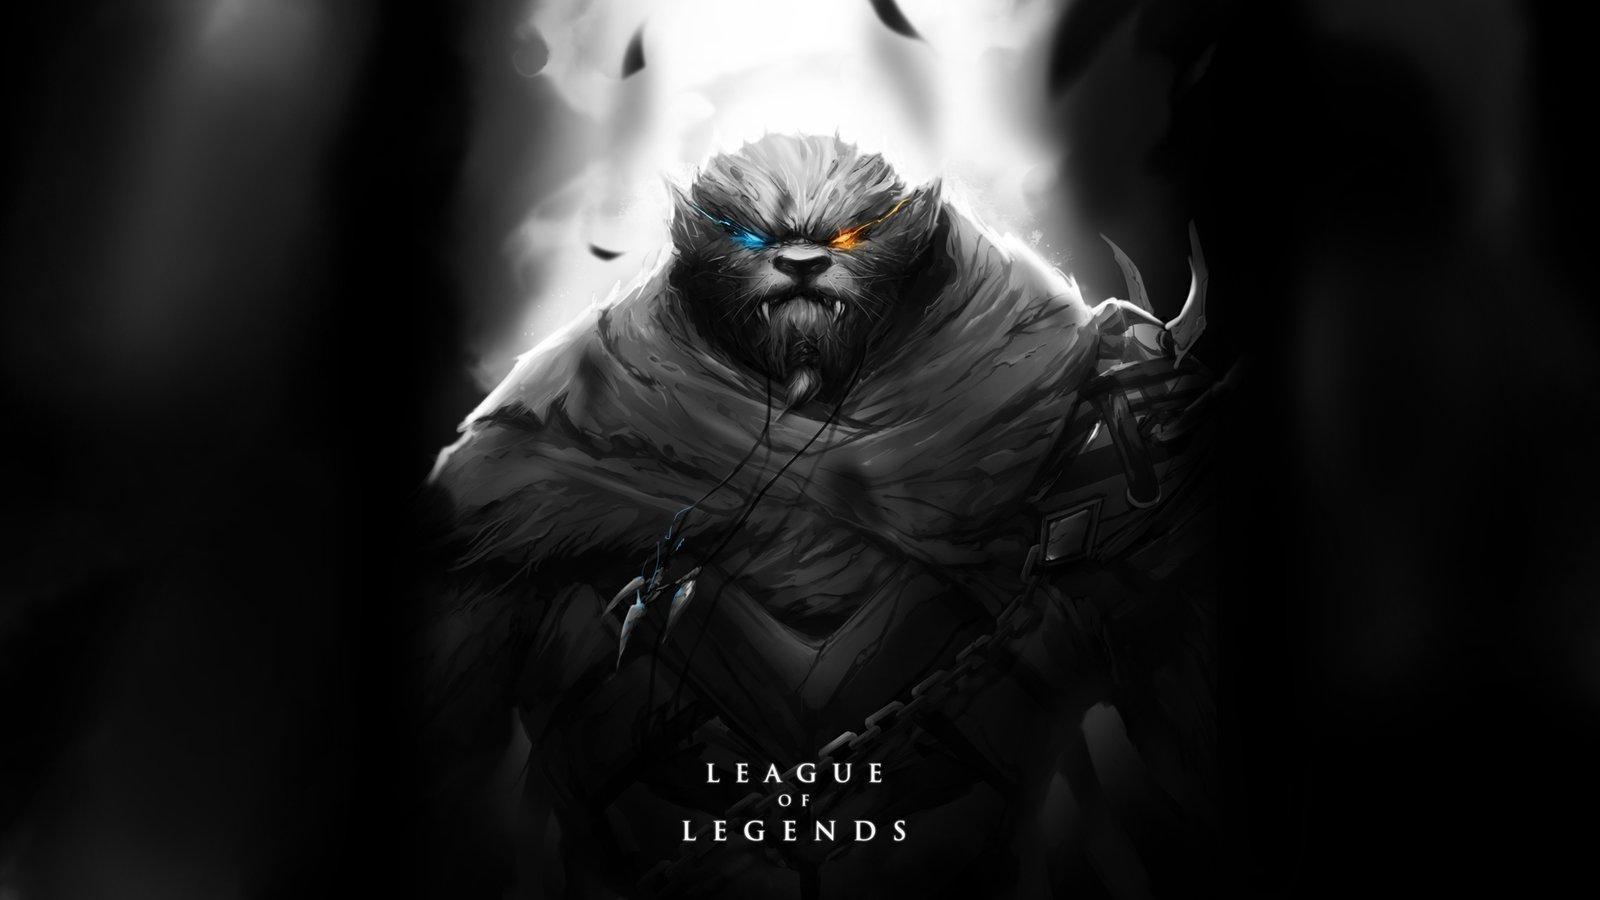 Nighthunter Rengar League Of Legends Wallpapers HD 1920x1080